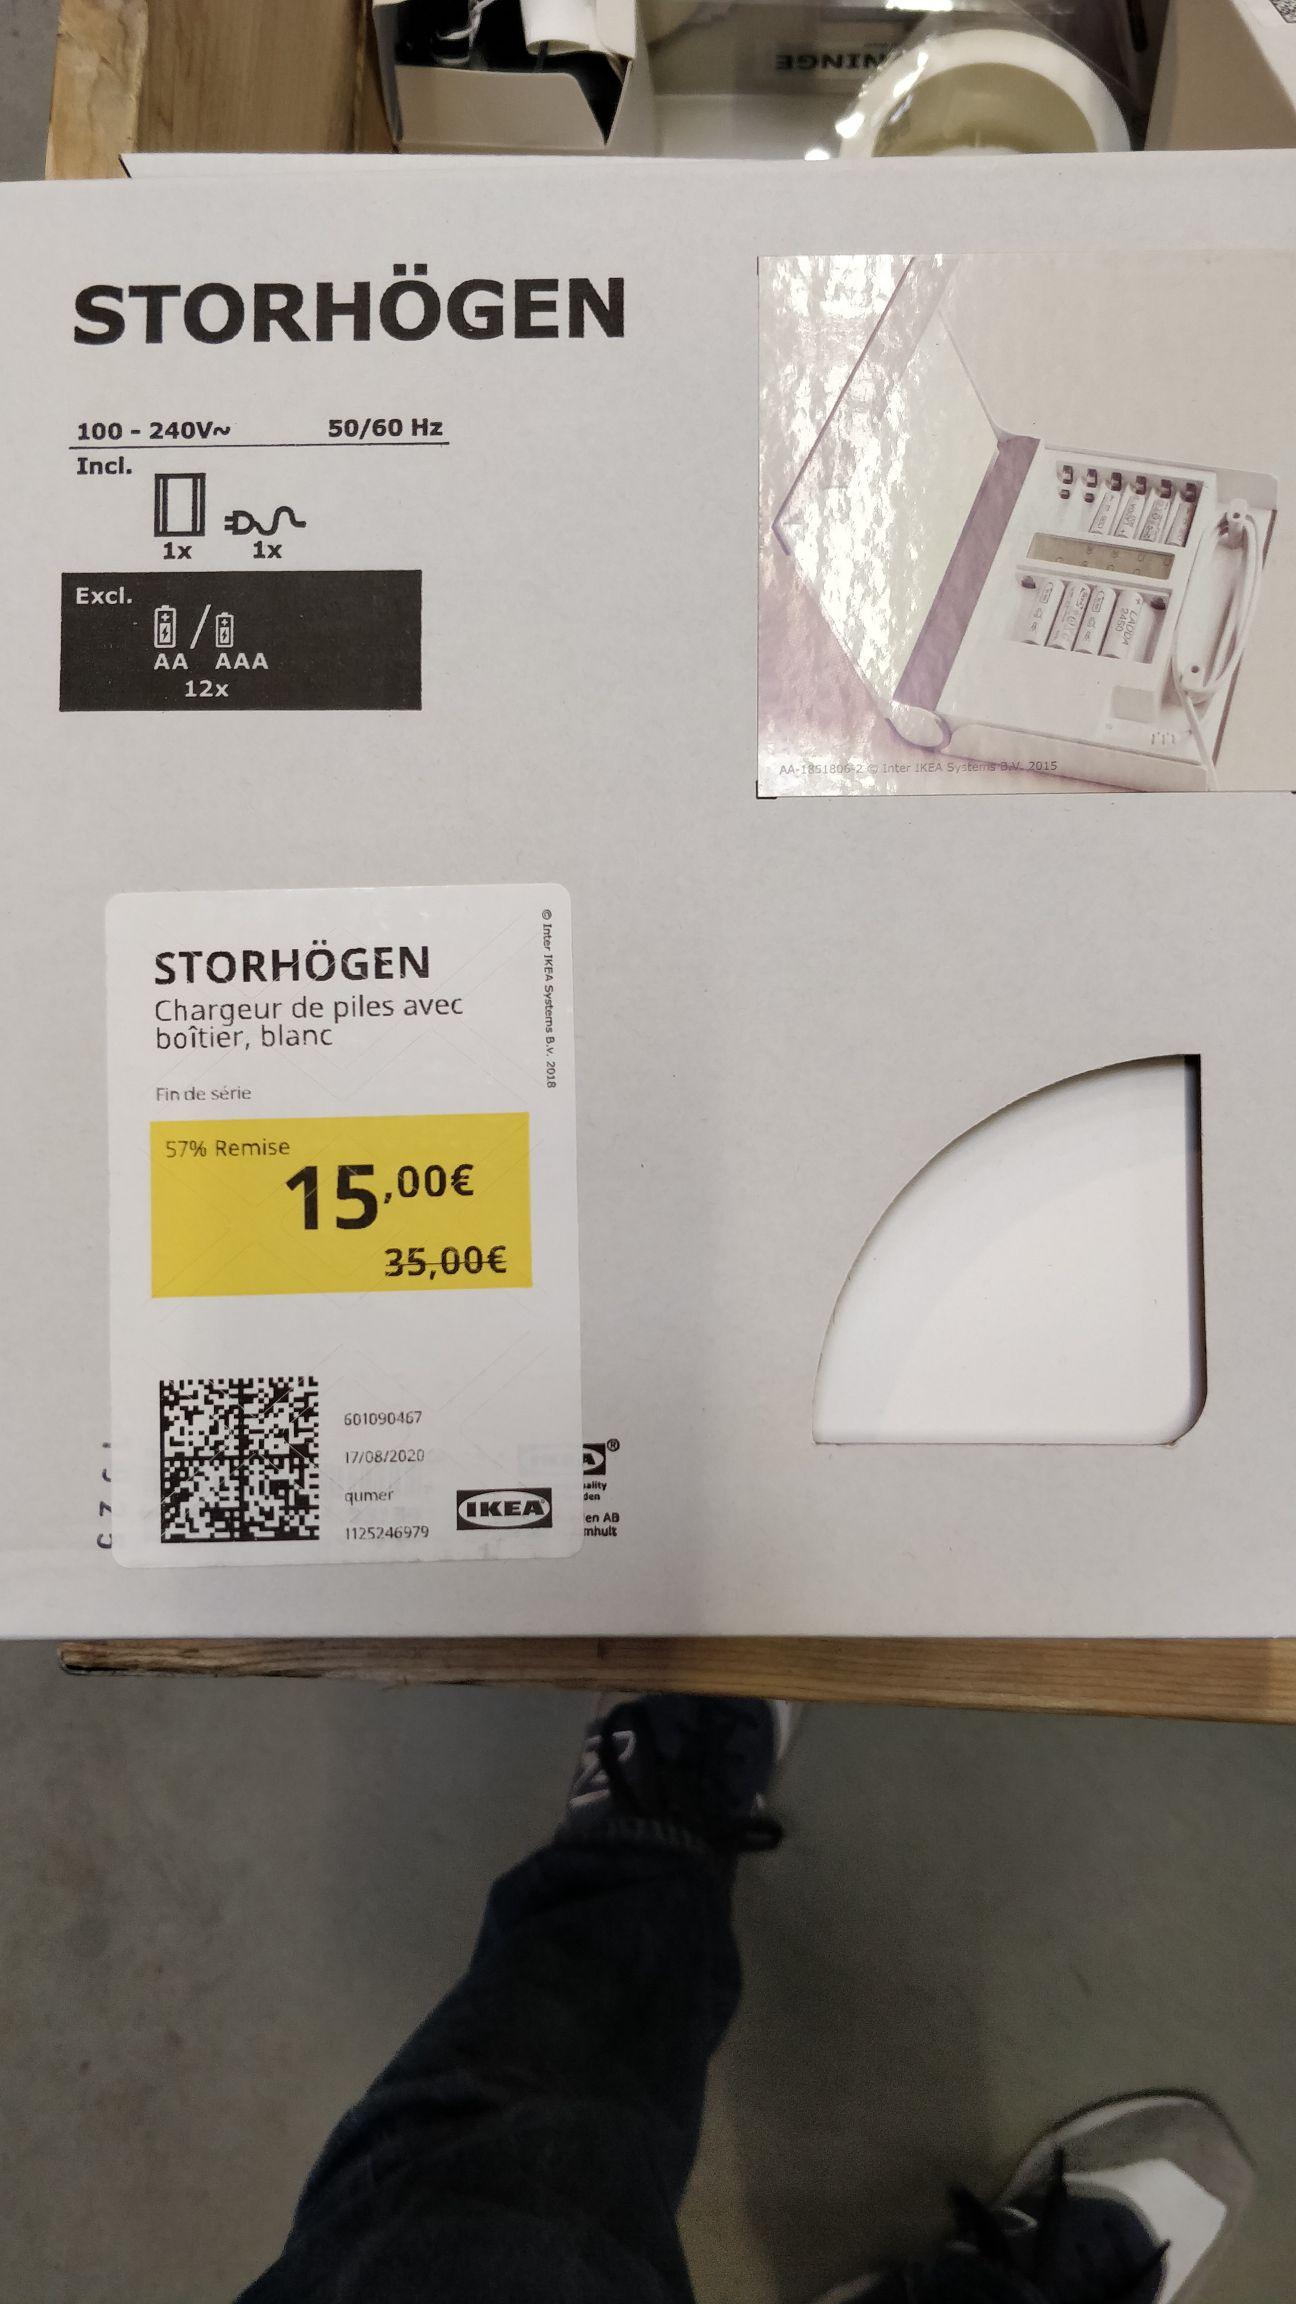 Chargeur de piles Storhogen - 12 Piles AA ou AAA (Orléans 45)